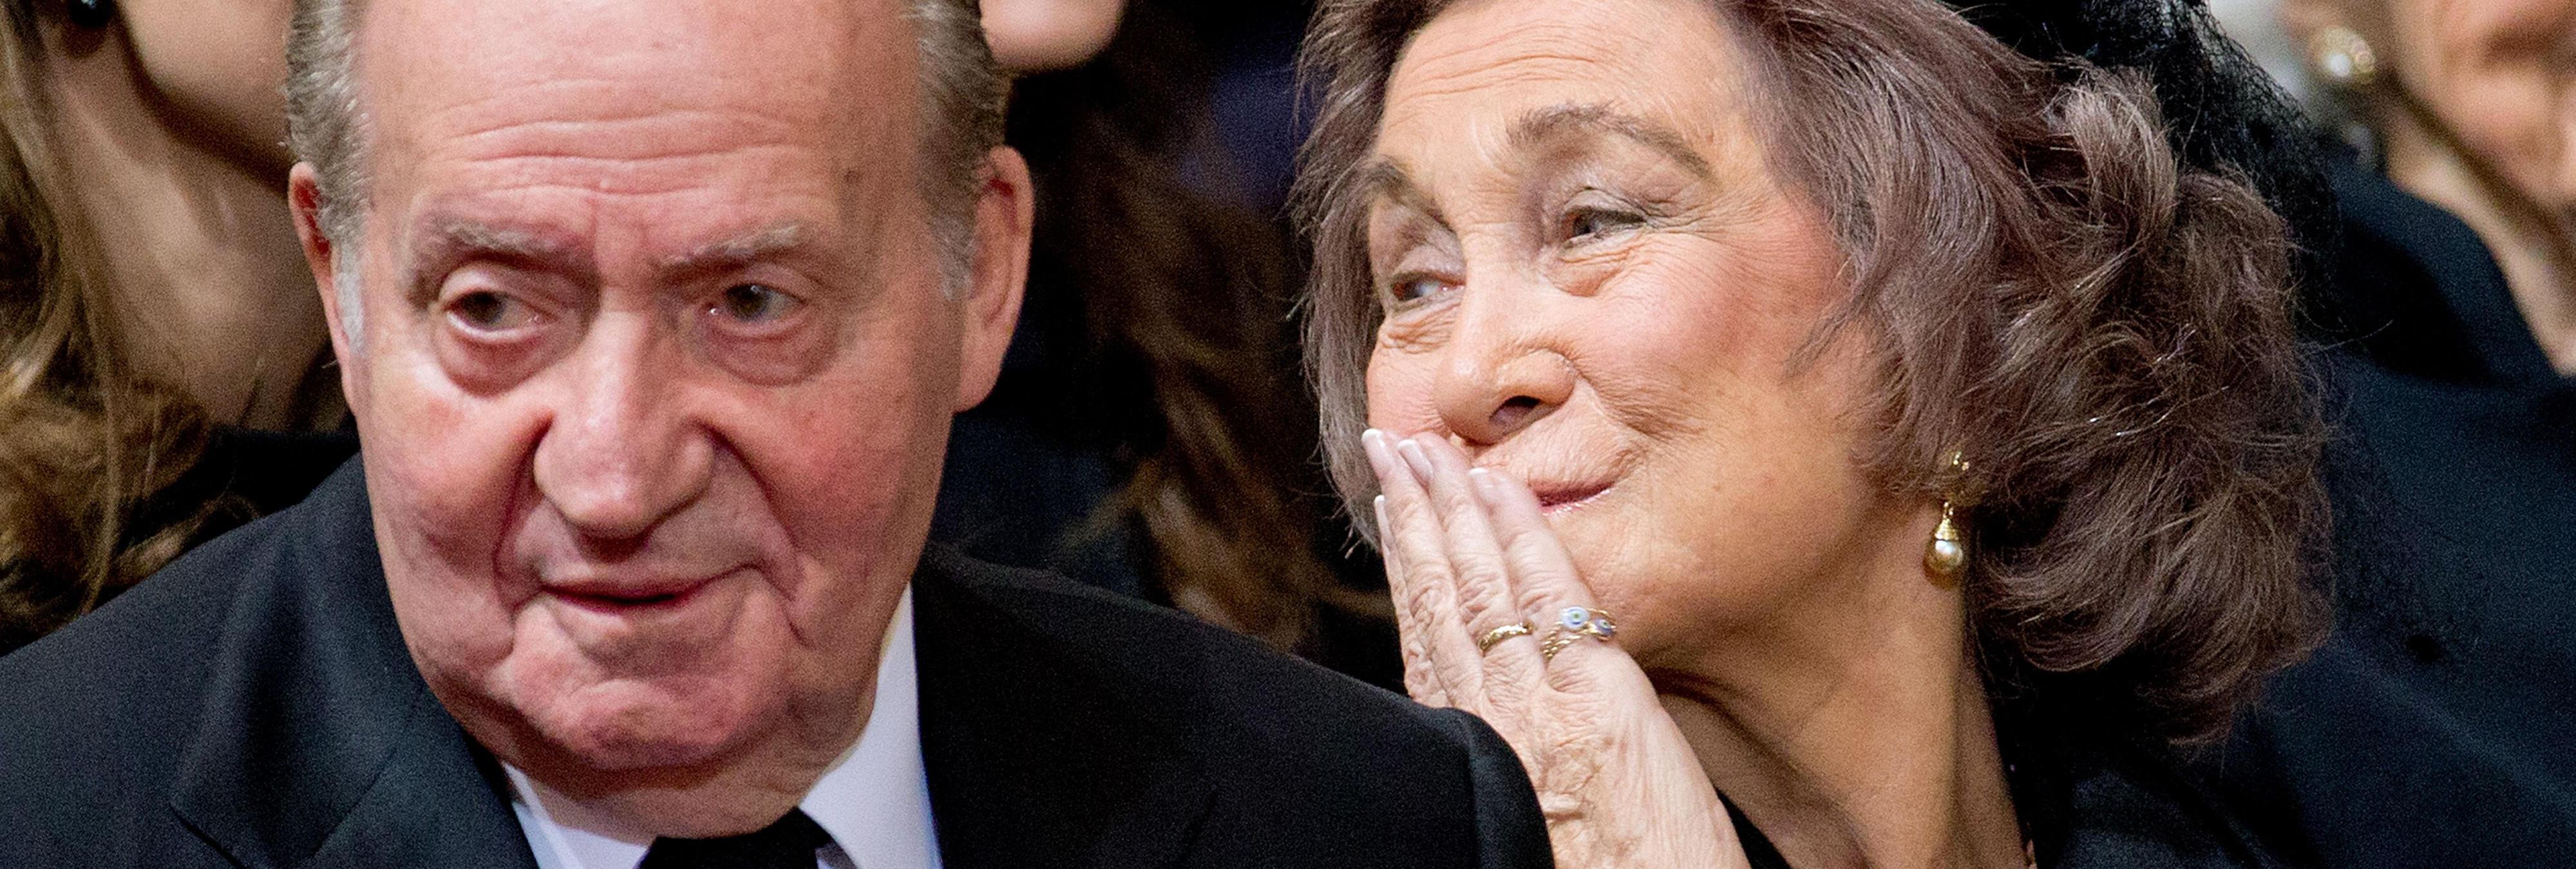 Pilar Eyre desvela que Juan Carlos I tiene una hija secreta y que todos la conocemos